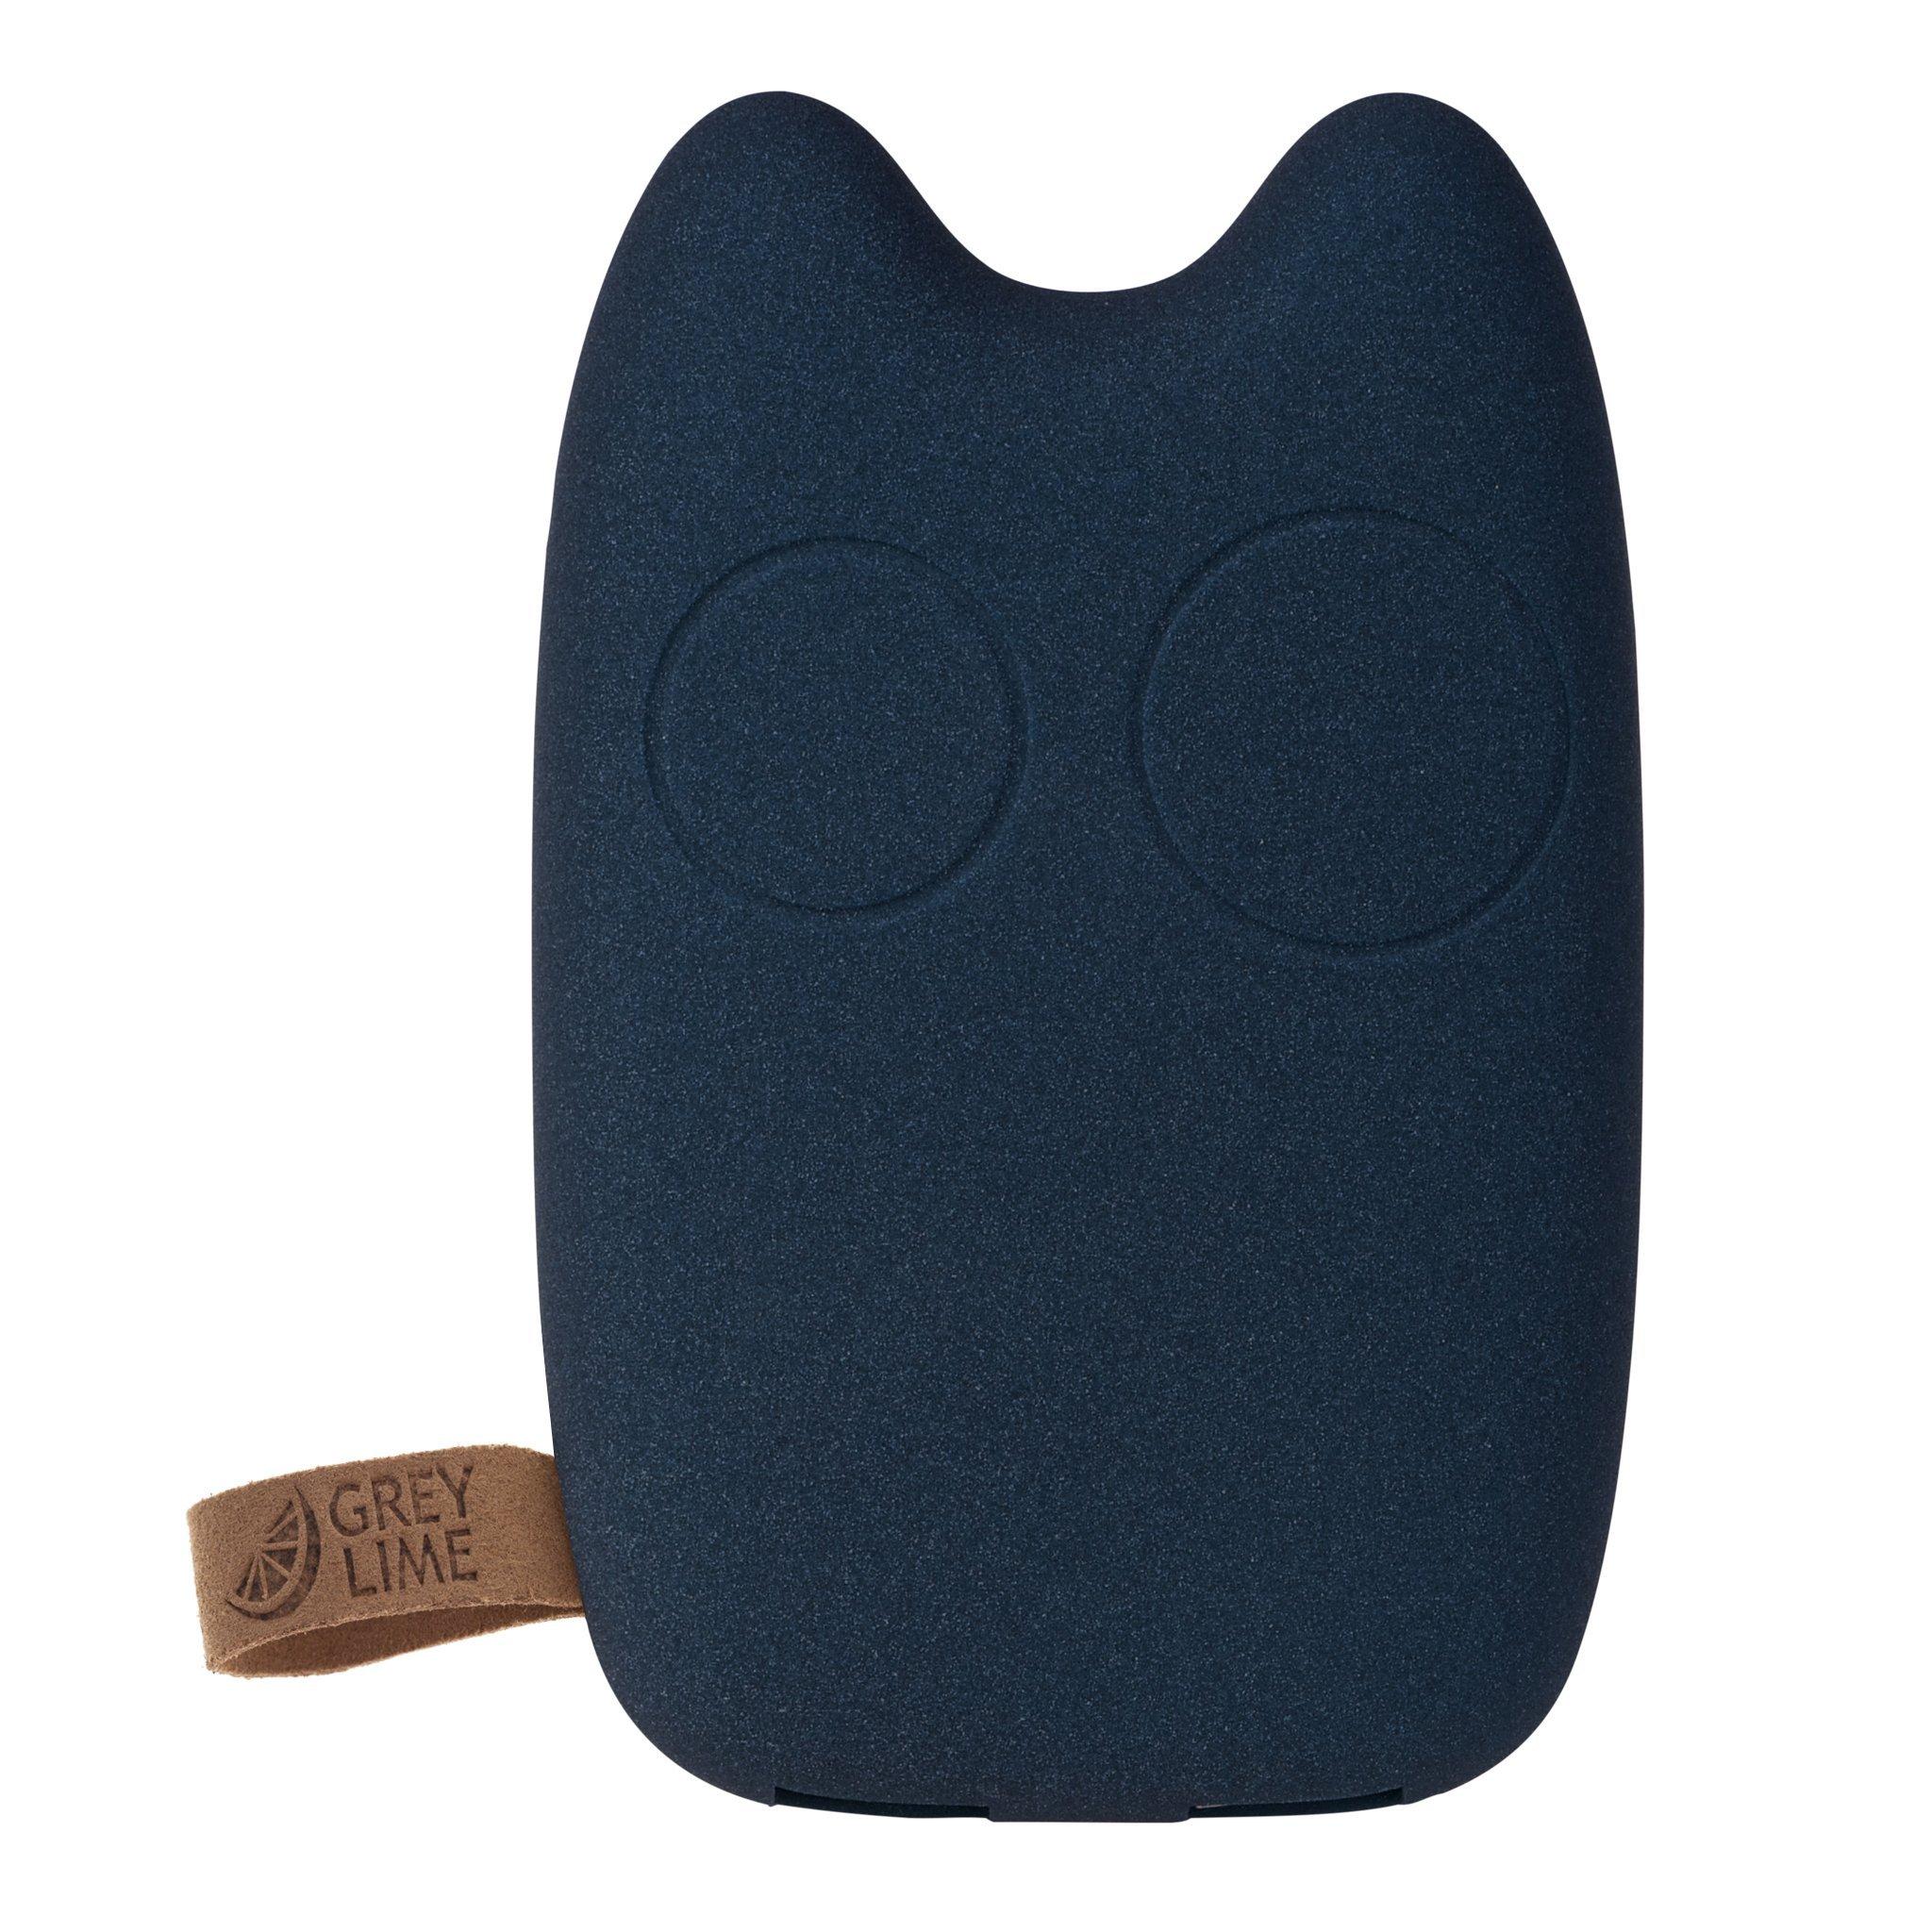 Billede af GreyLime Power Owl 7800 mAh - Mørkeblå